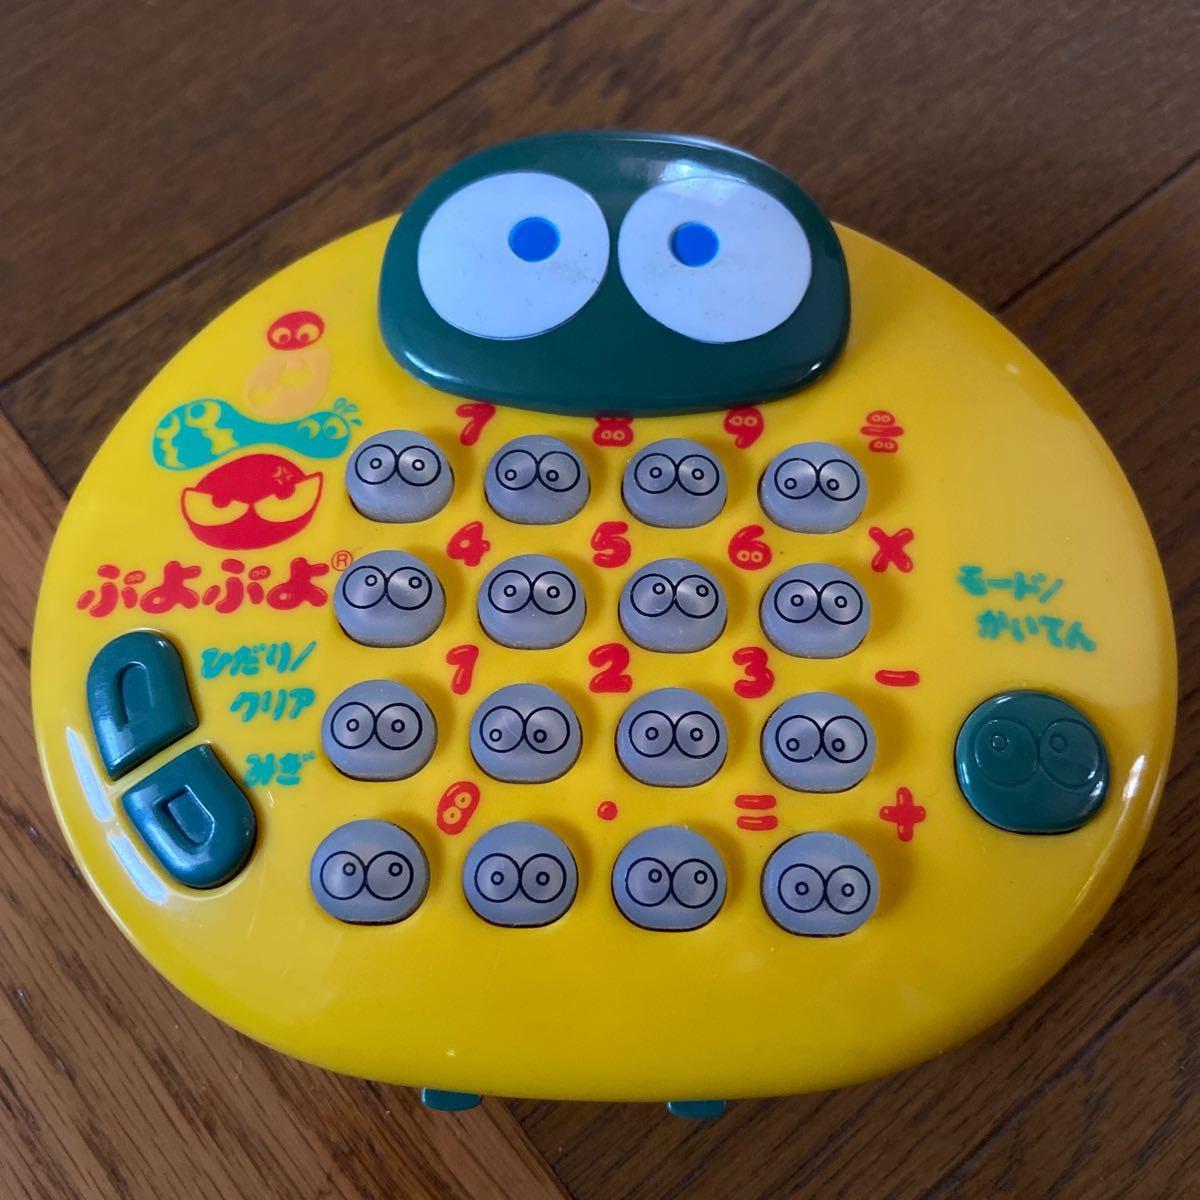 ぷよぷよ ゲーム  おもちゃ 動作確認済み